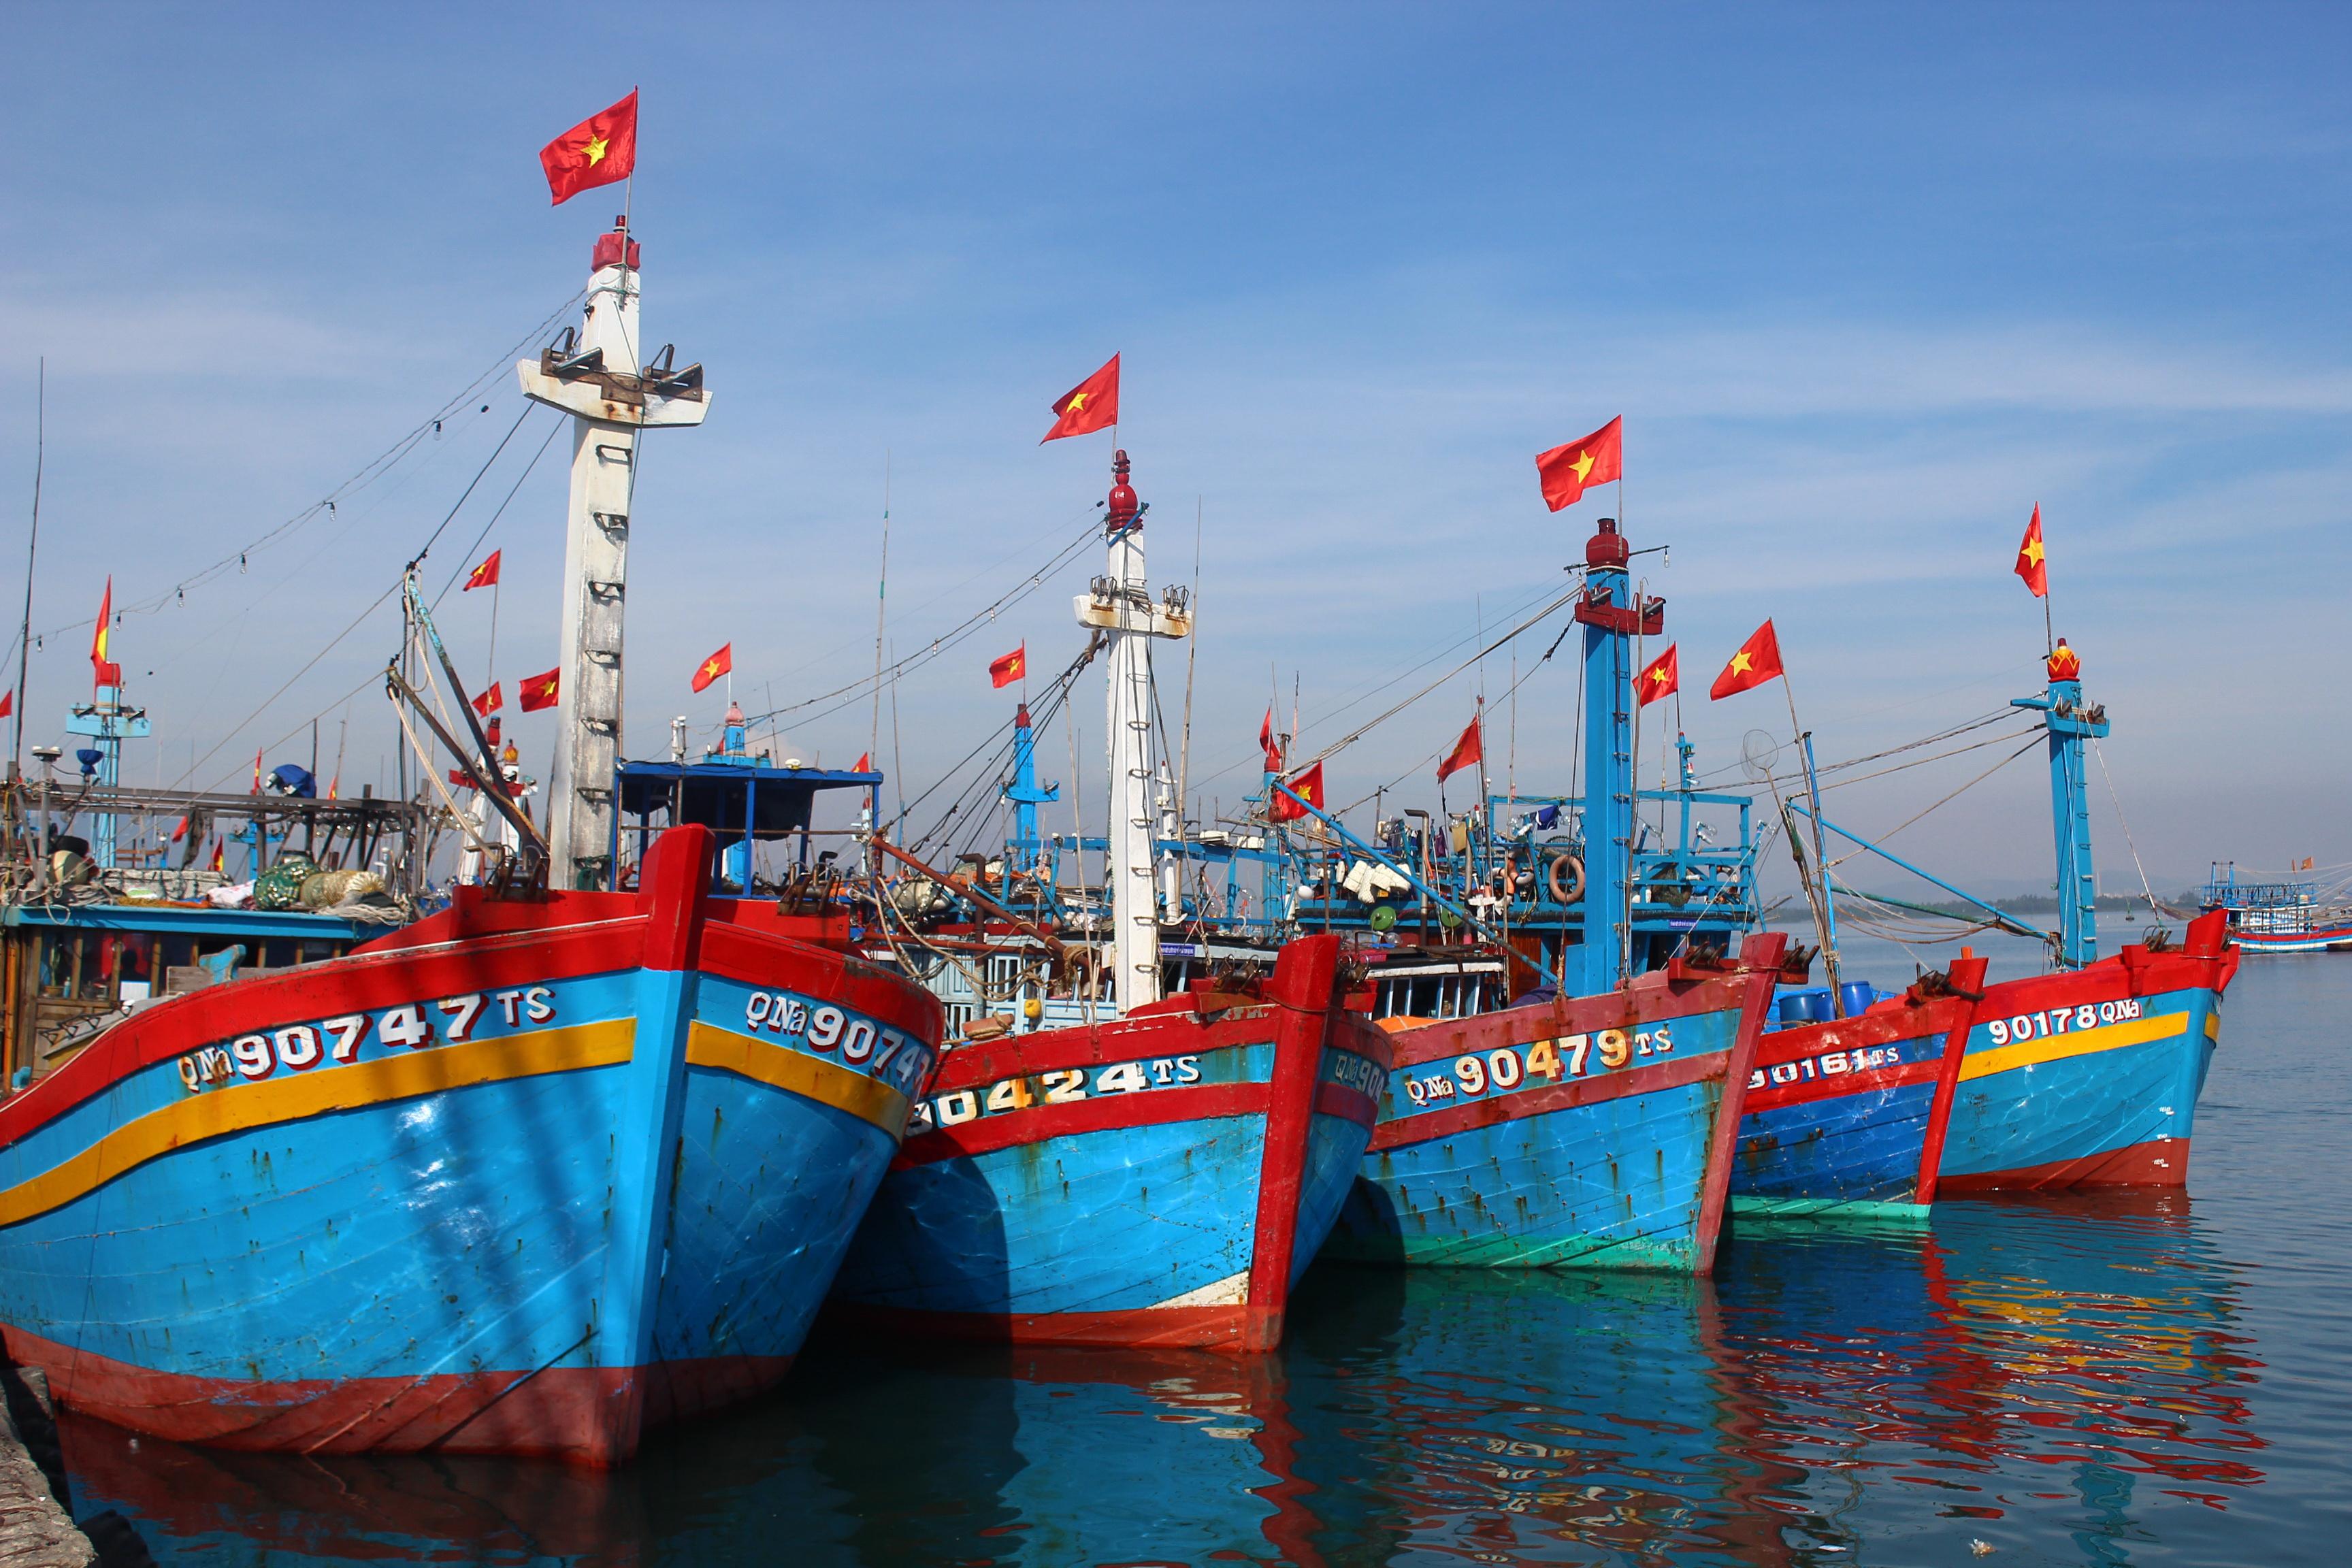 Kết quả hình ảnh cho Vay vốn đóng tàu theo Nghị định 67 được hỗ trợ lãi suất hết năm 2018